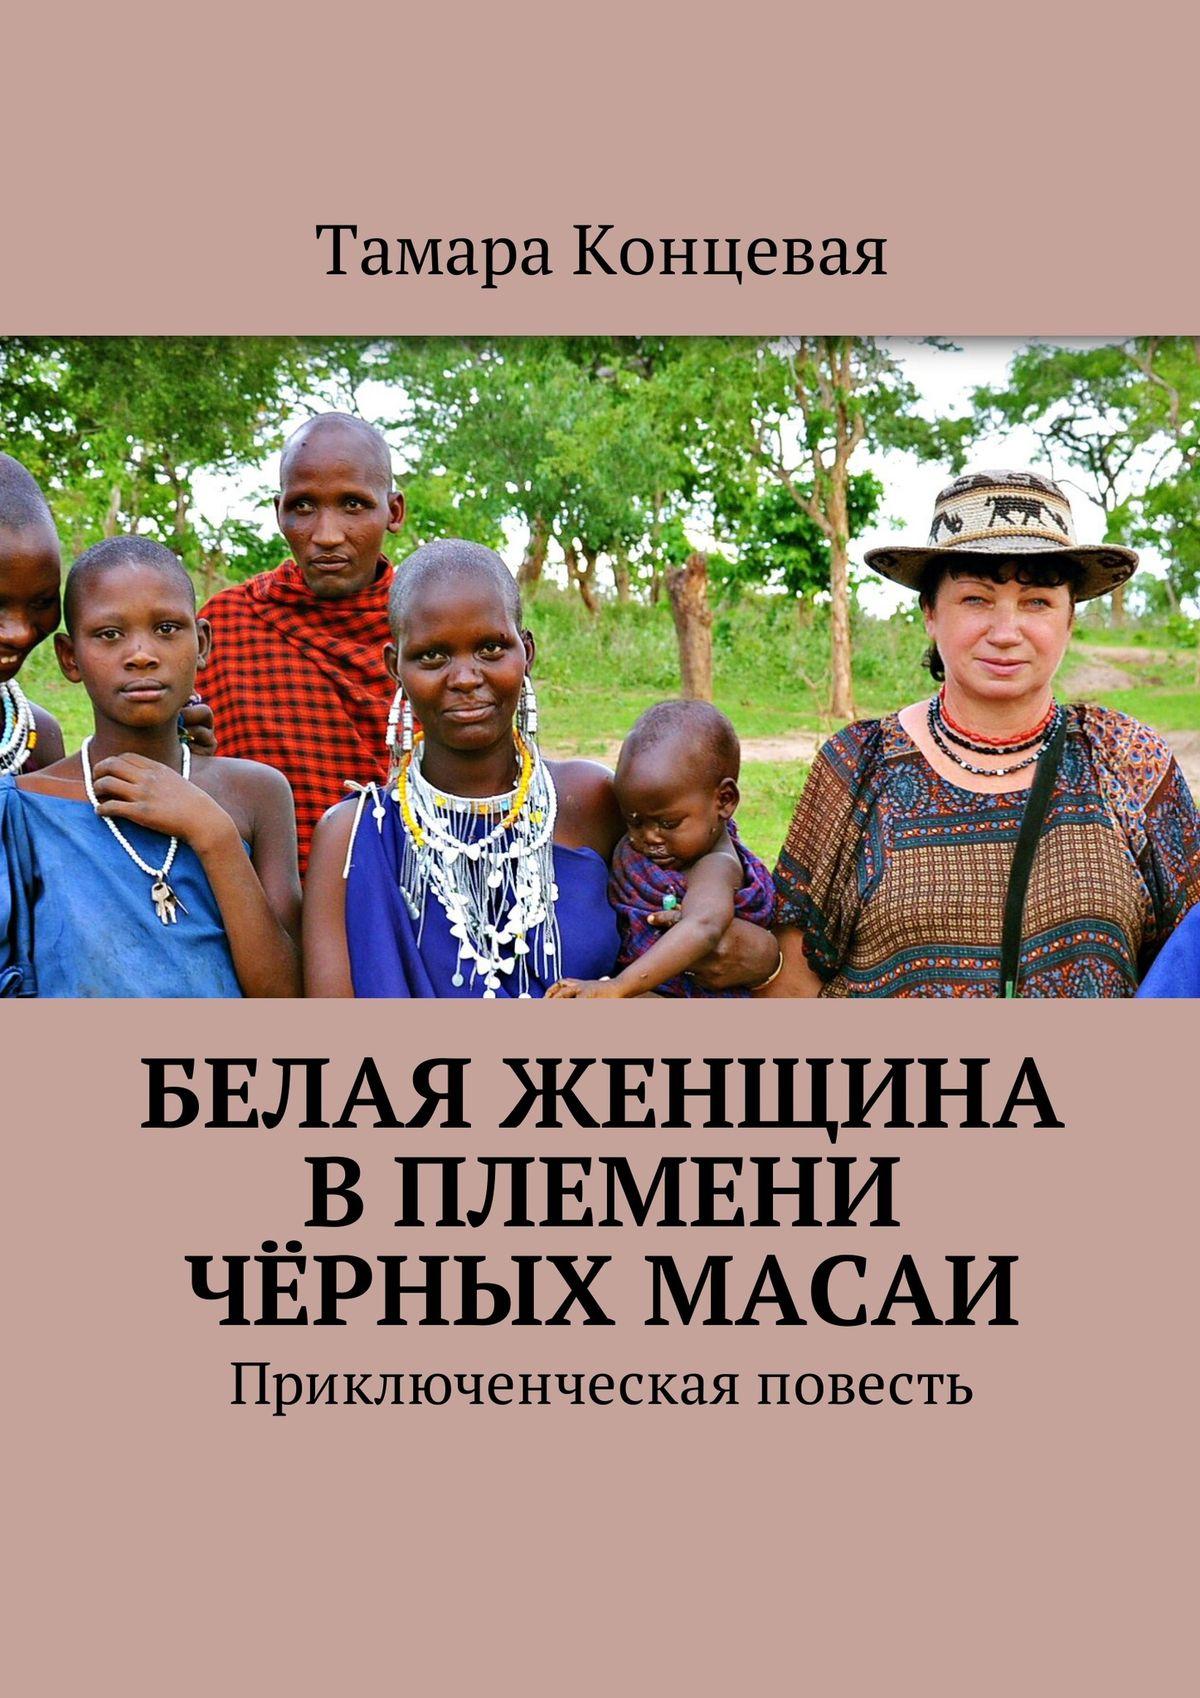 belaya zhenshchina v plemeni chernykh masai priklyuchencheskaya povest